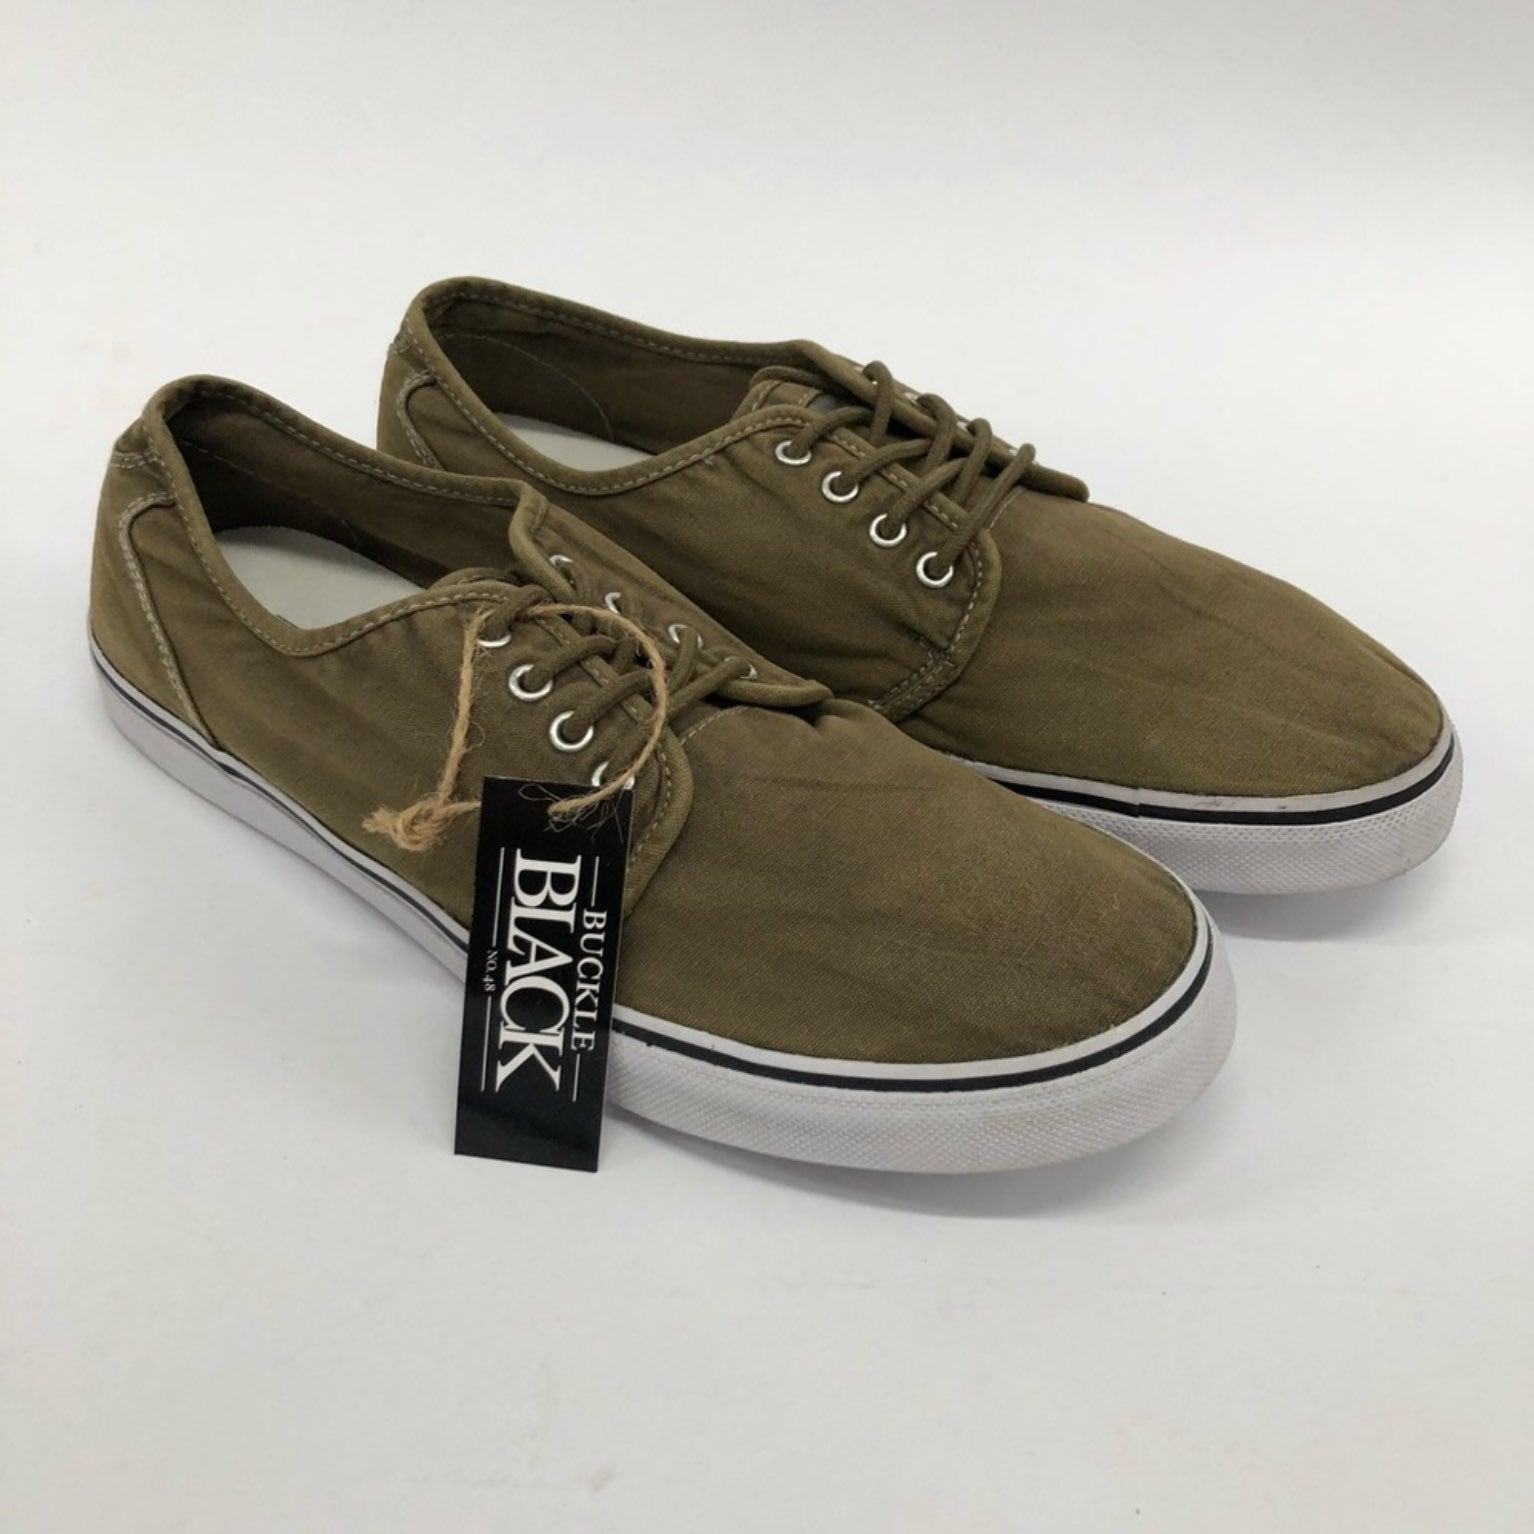 Buckle Mens Sneakers 10